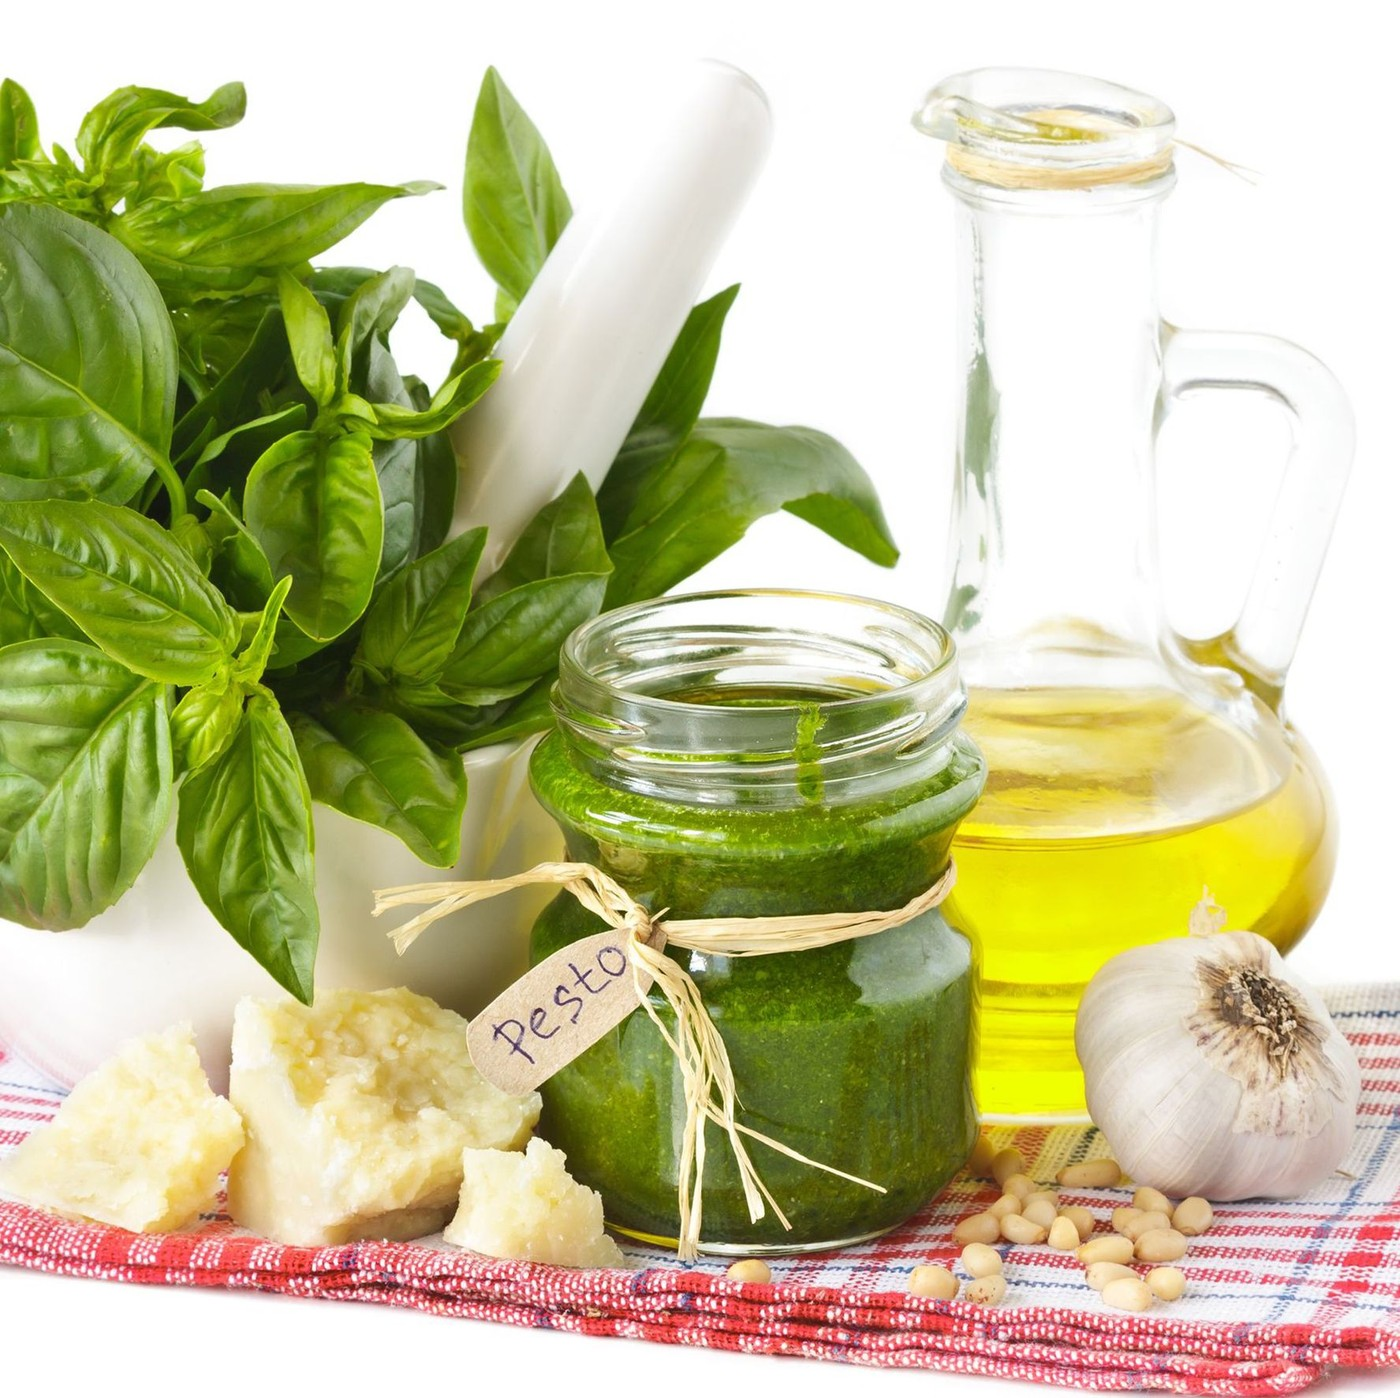 receta de Pesto Con Albahaca Genovesa Dop Y Trufa